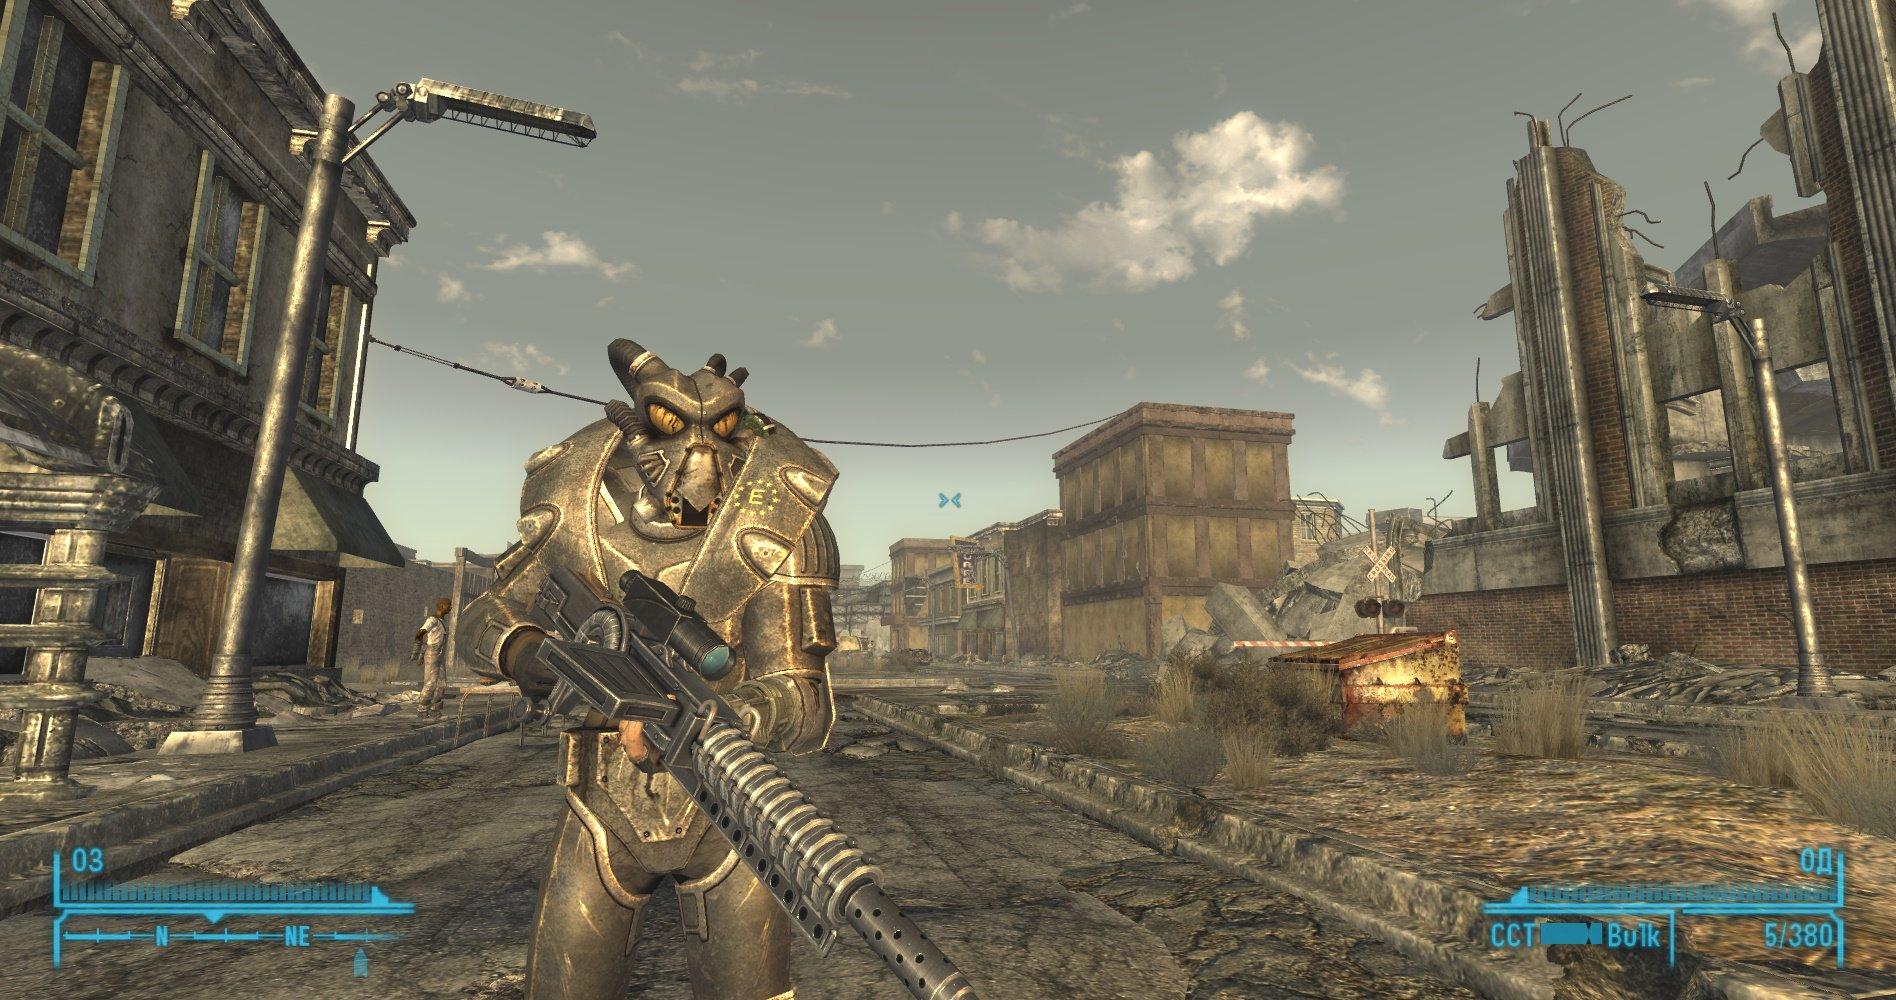 Сравнительный анализ (на самом деле нет) Fallout New Vegas vs. Fallout 4 (часть 1). - Изображение 5